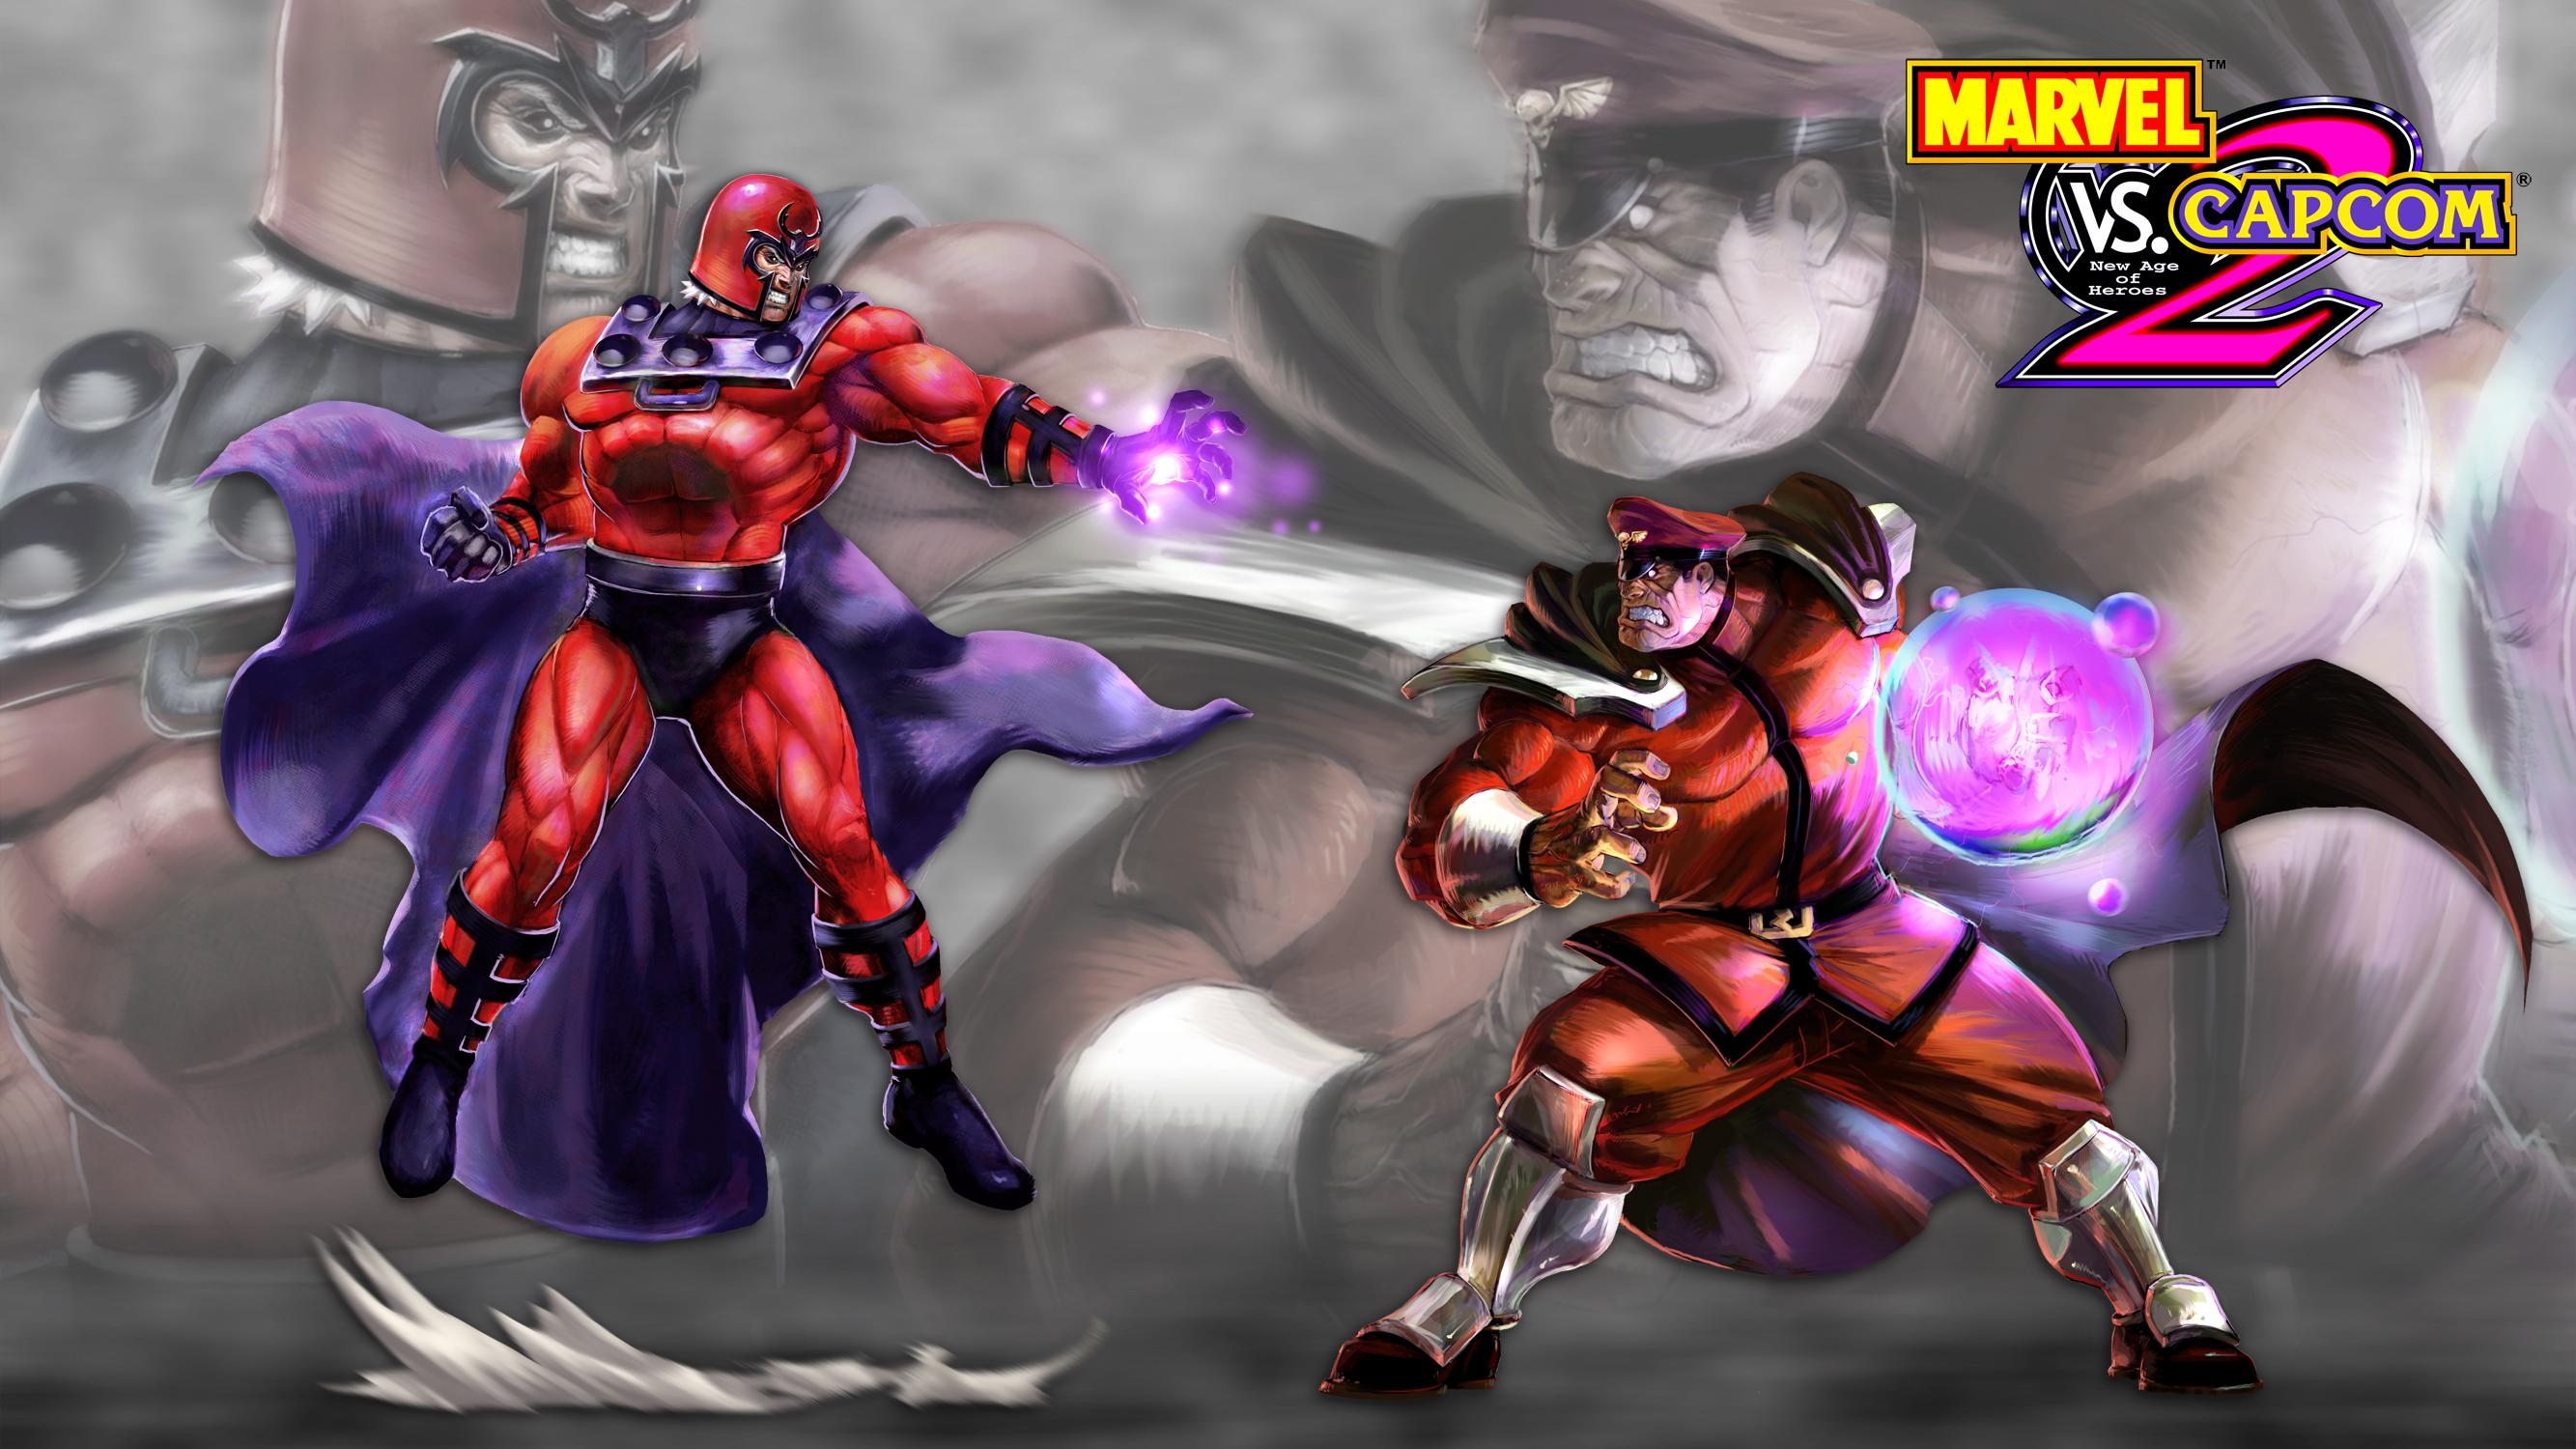 Marvel Vs  Capcom 2 wallpapers, Video Game, HQ Marvel Vs